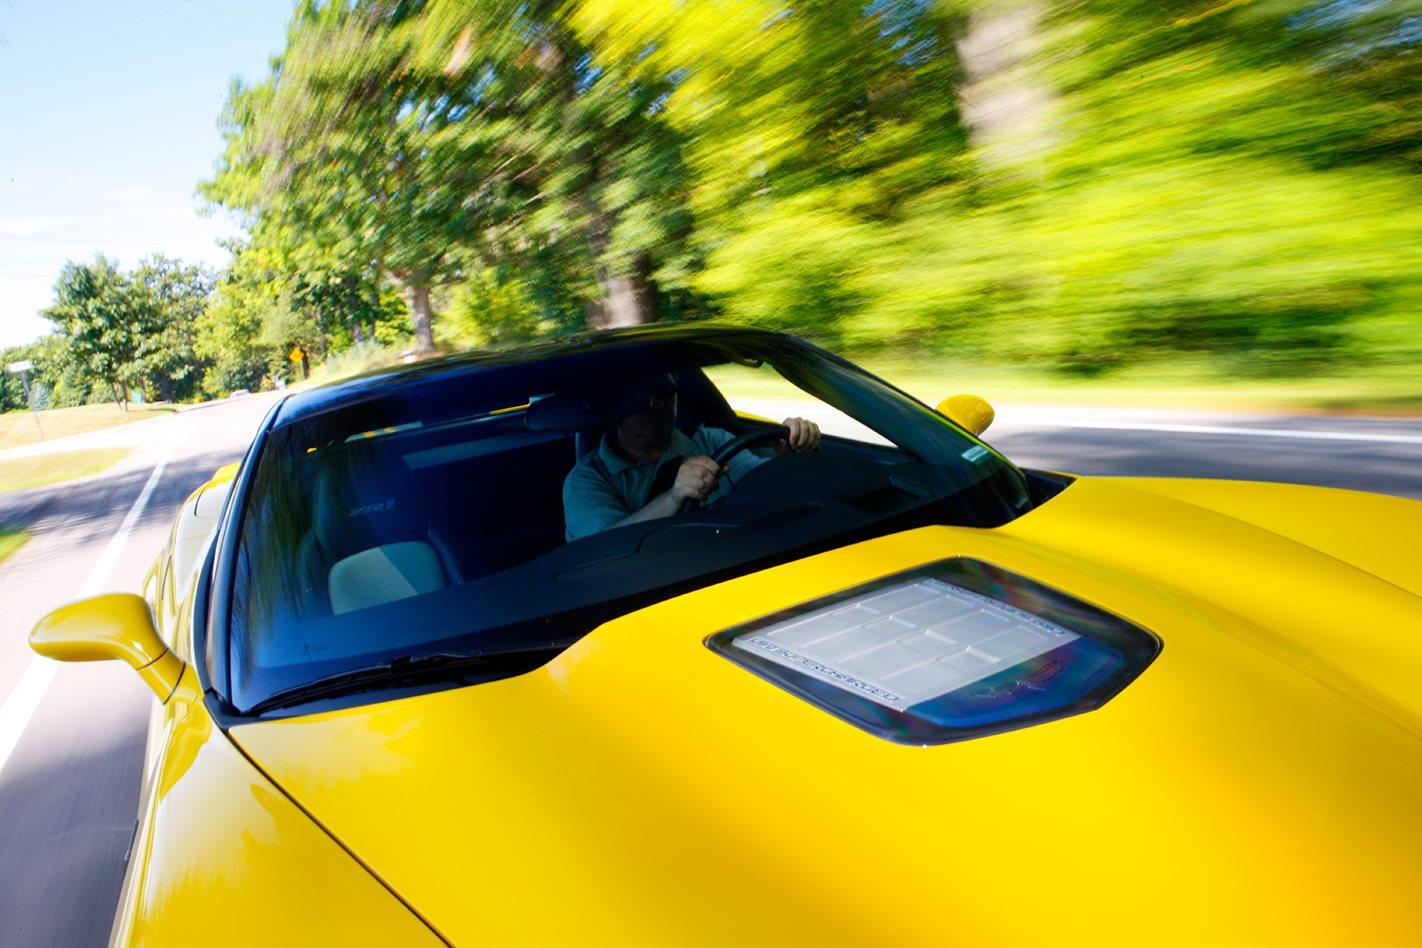 2009-Chevrolet-Corvette-ZR1-front-bonnet.jpg